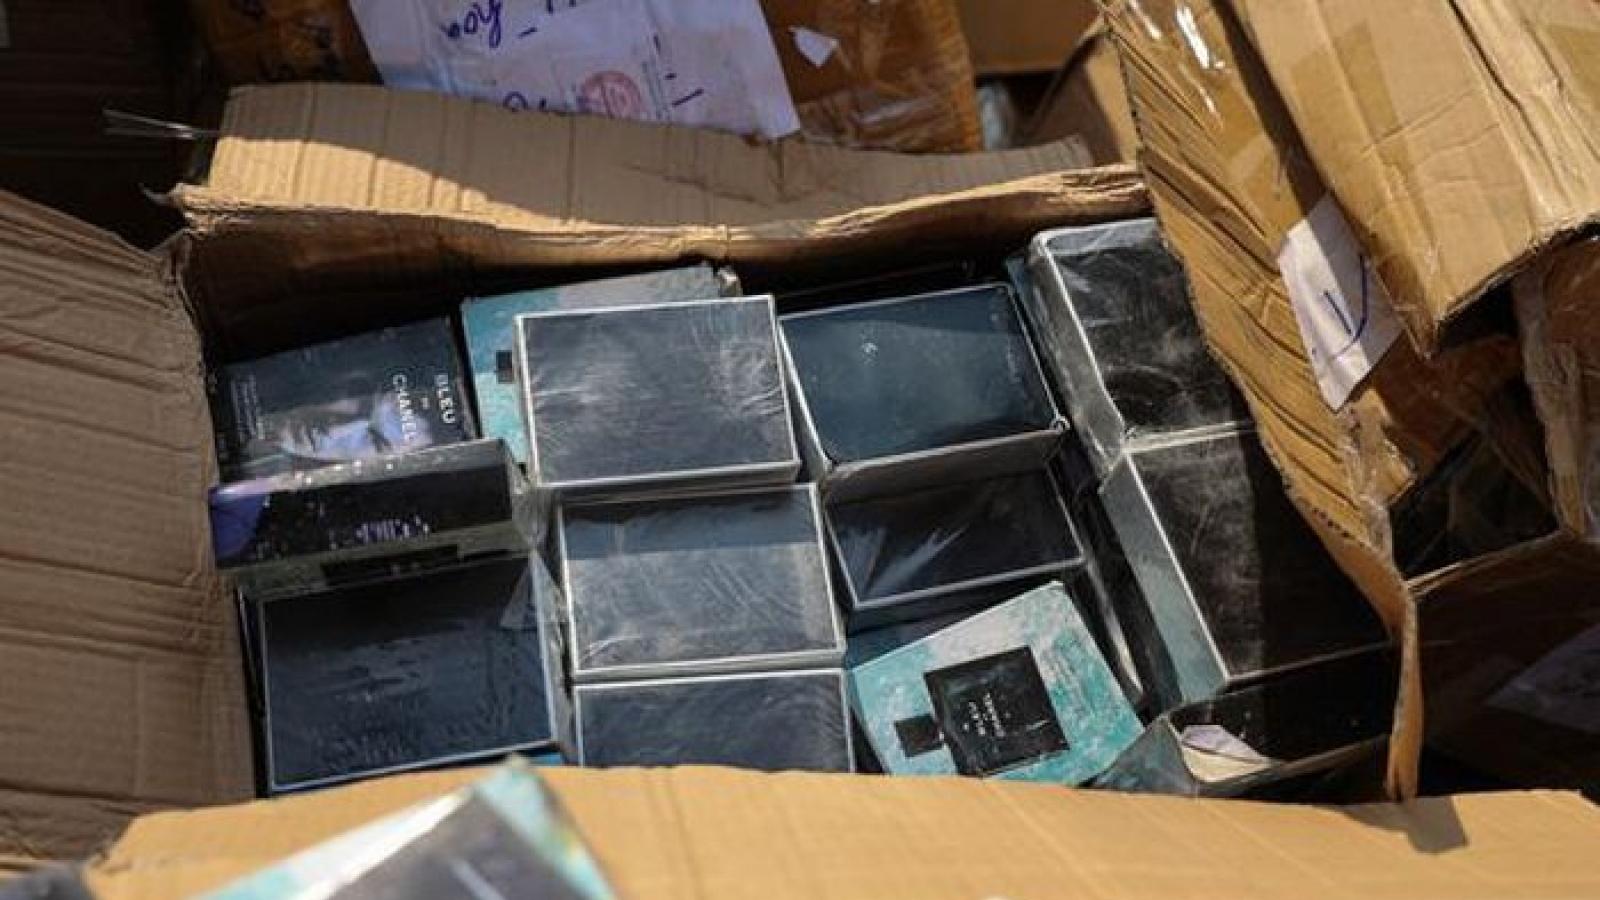 Hà Nội tiêu hủy hơn 7000 sản phẩm hàng hóa vi phạm trước đó tổng trị giá gần 2 tỷ đồng